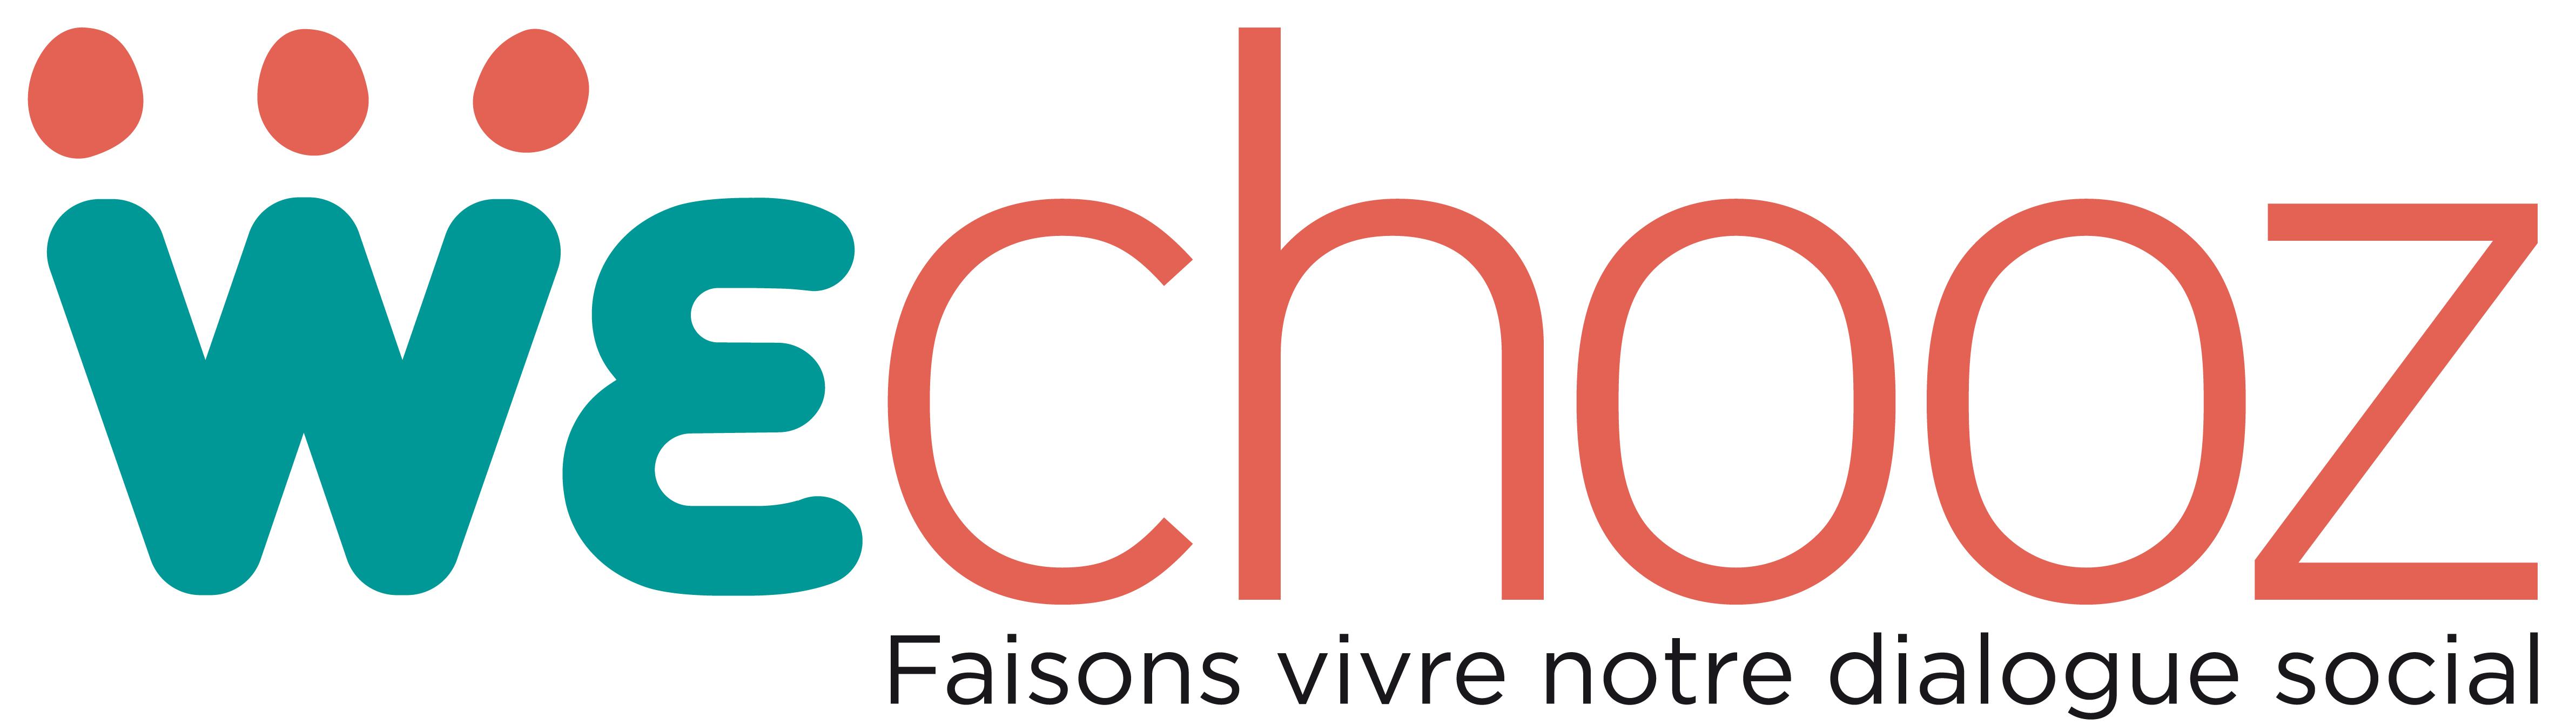 Wechooz logotype